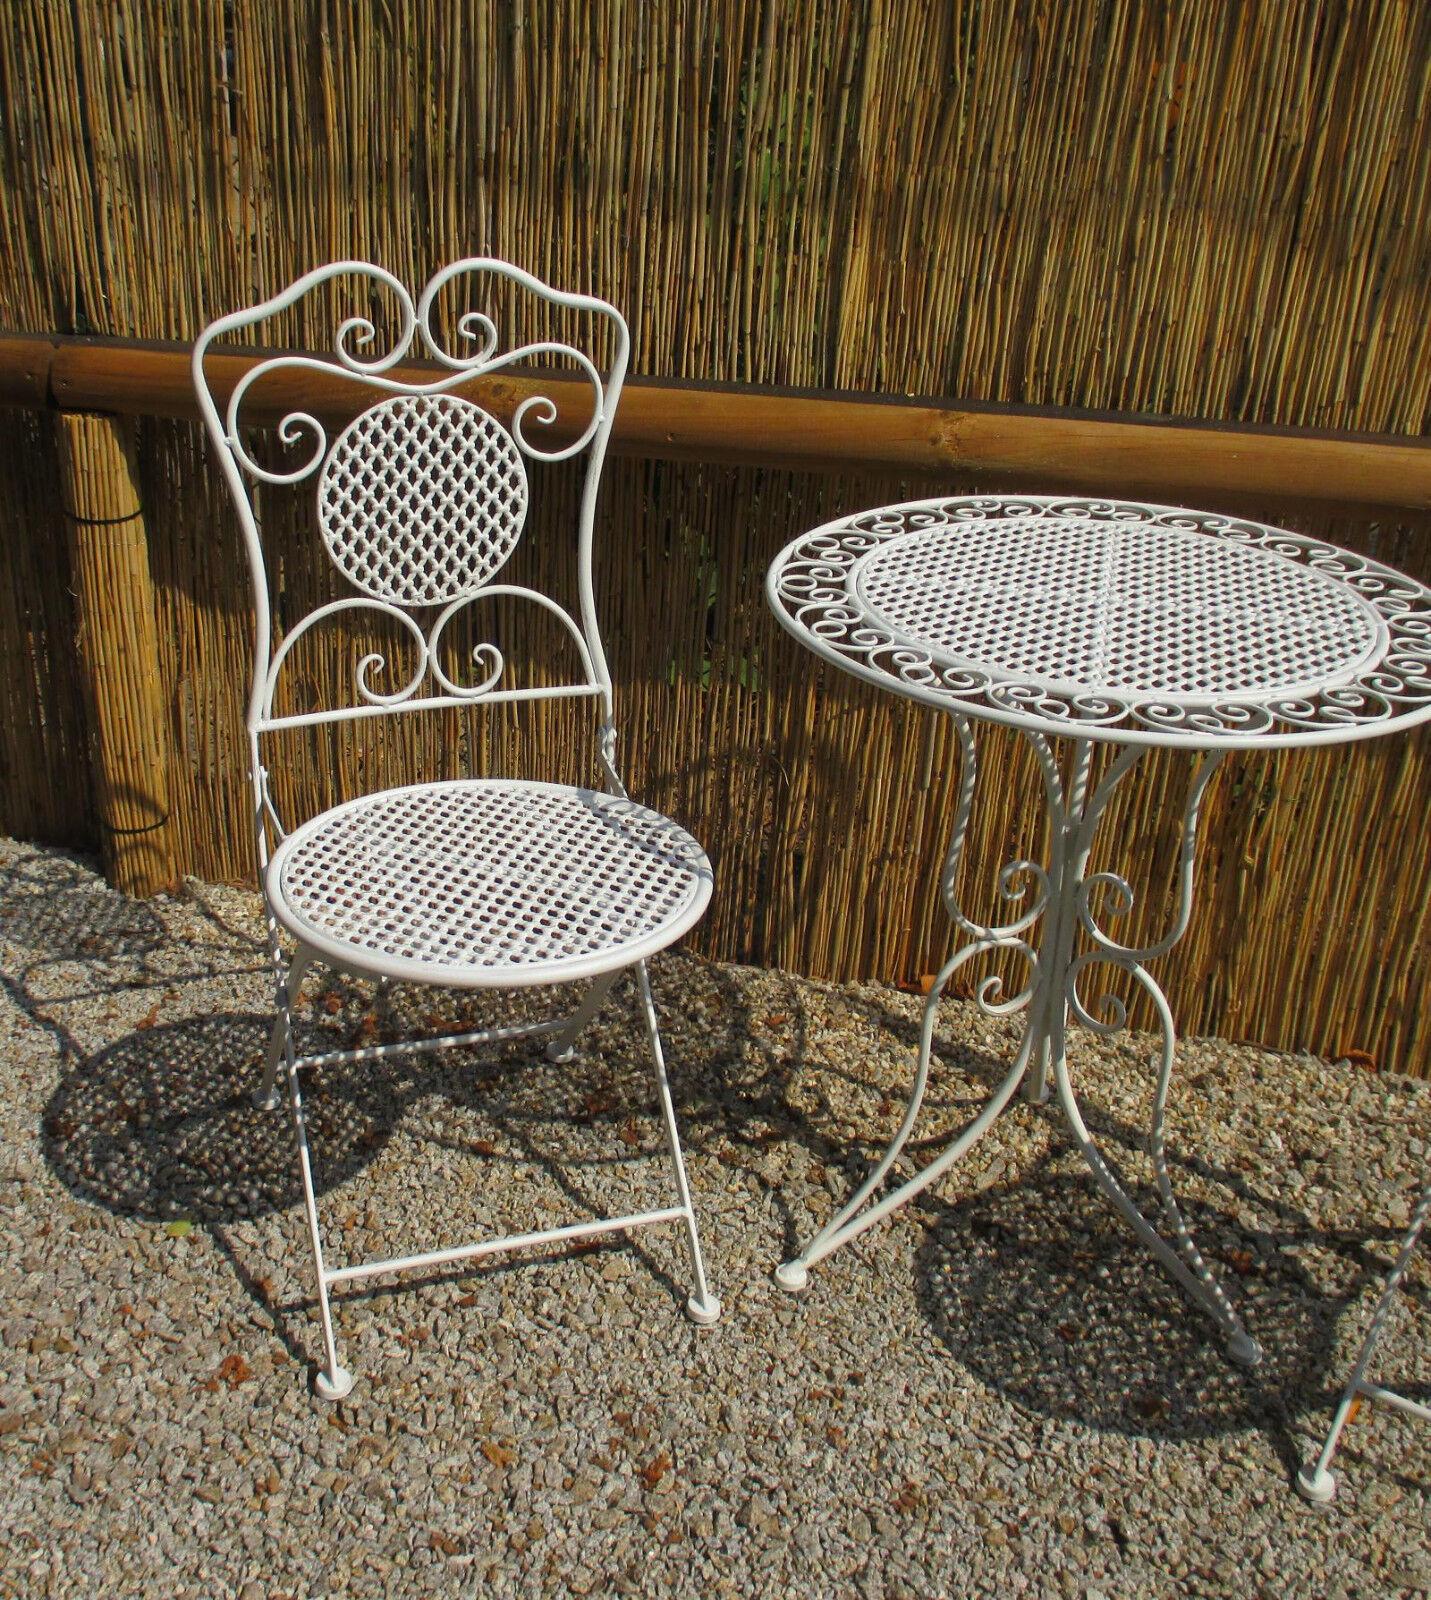 Sedia PIEGHEVOLE GIARDINO SEDIA SEDIE FERRO BIANCO stile antico per balcone gruppo di sedie